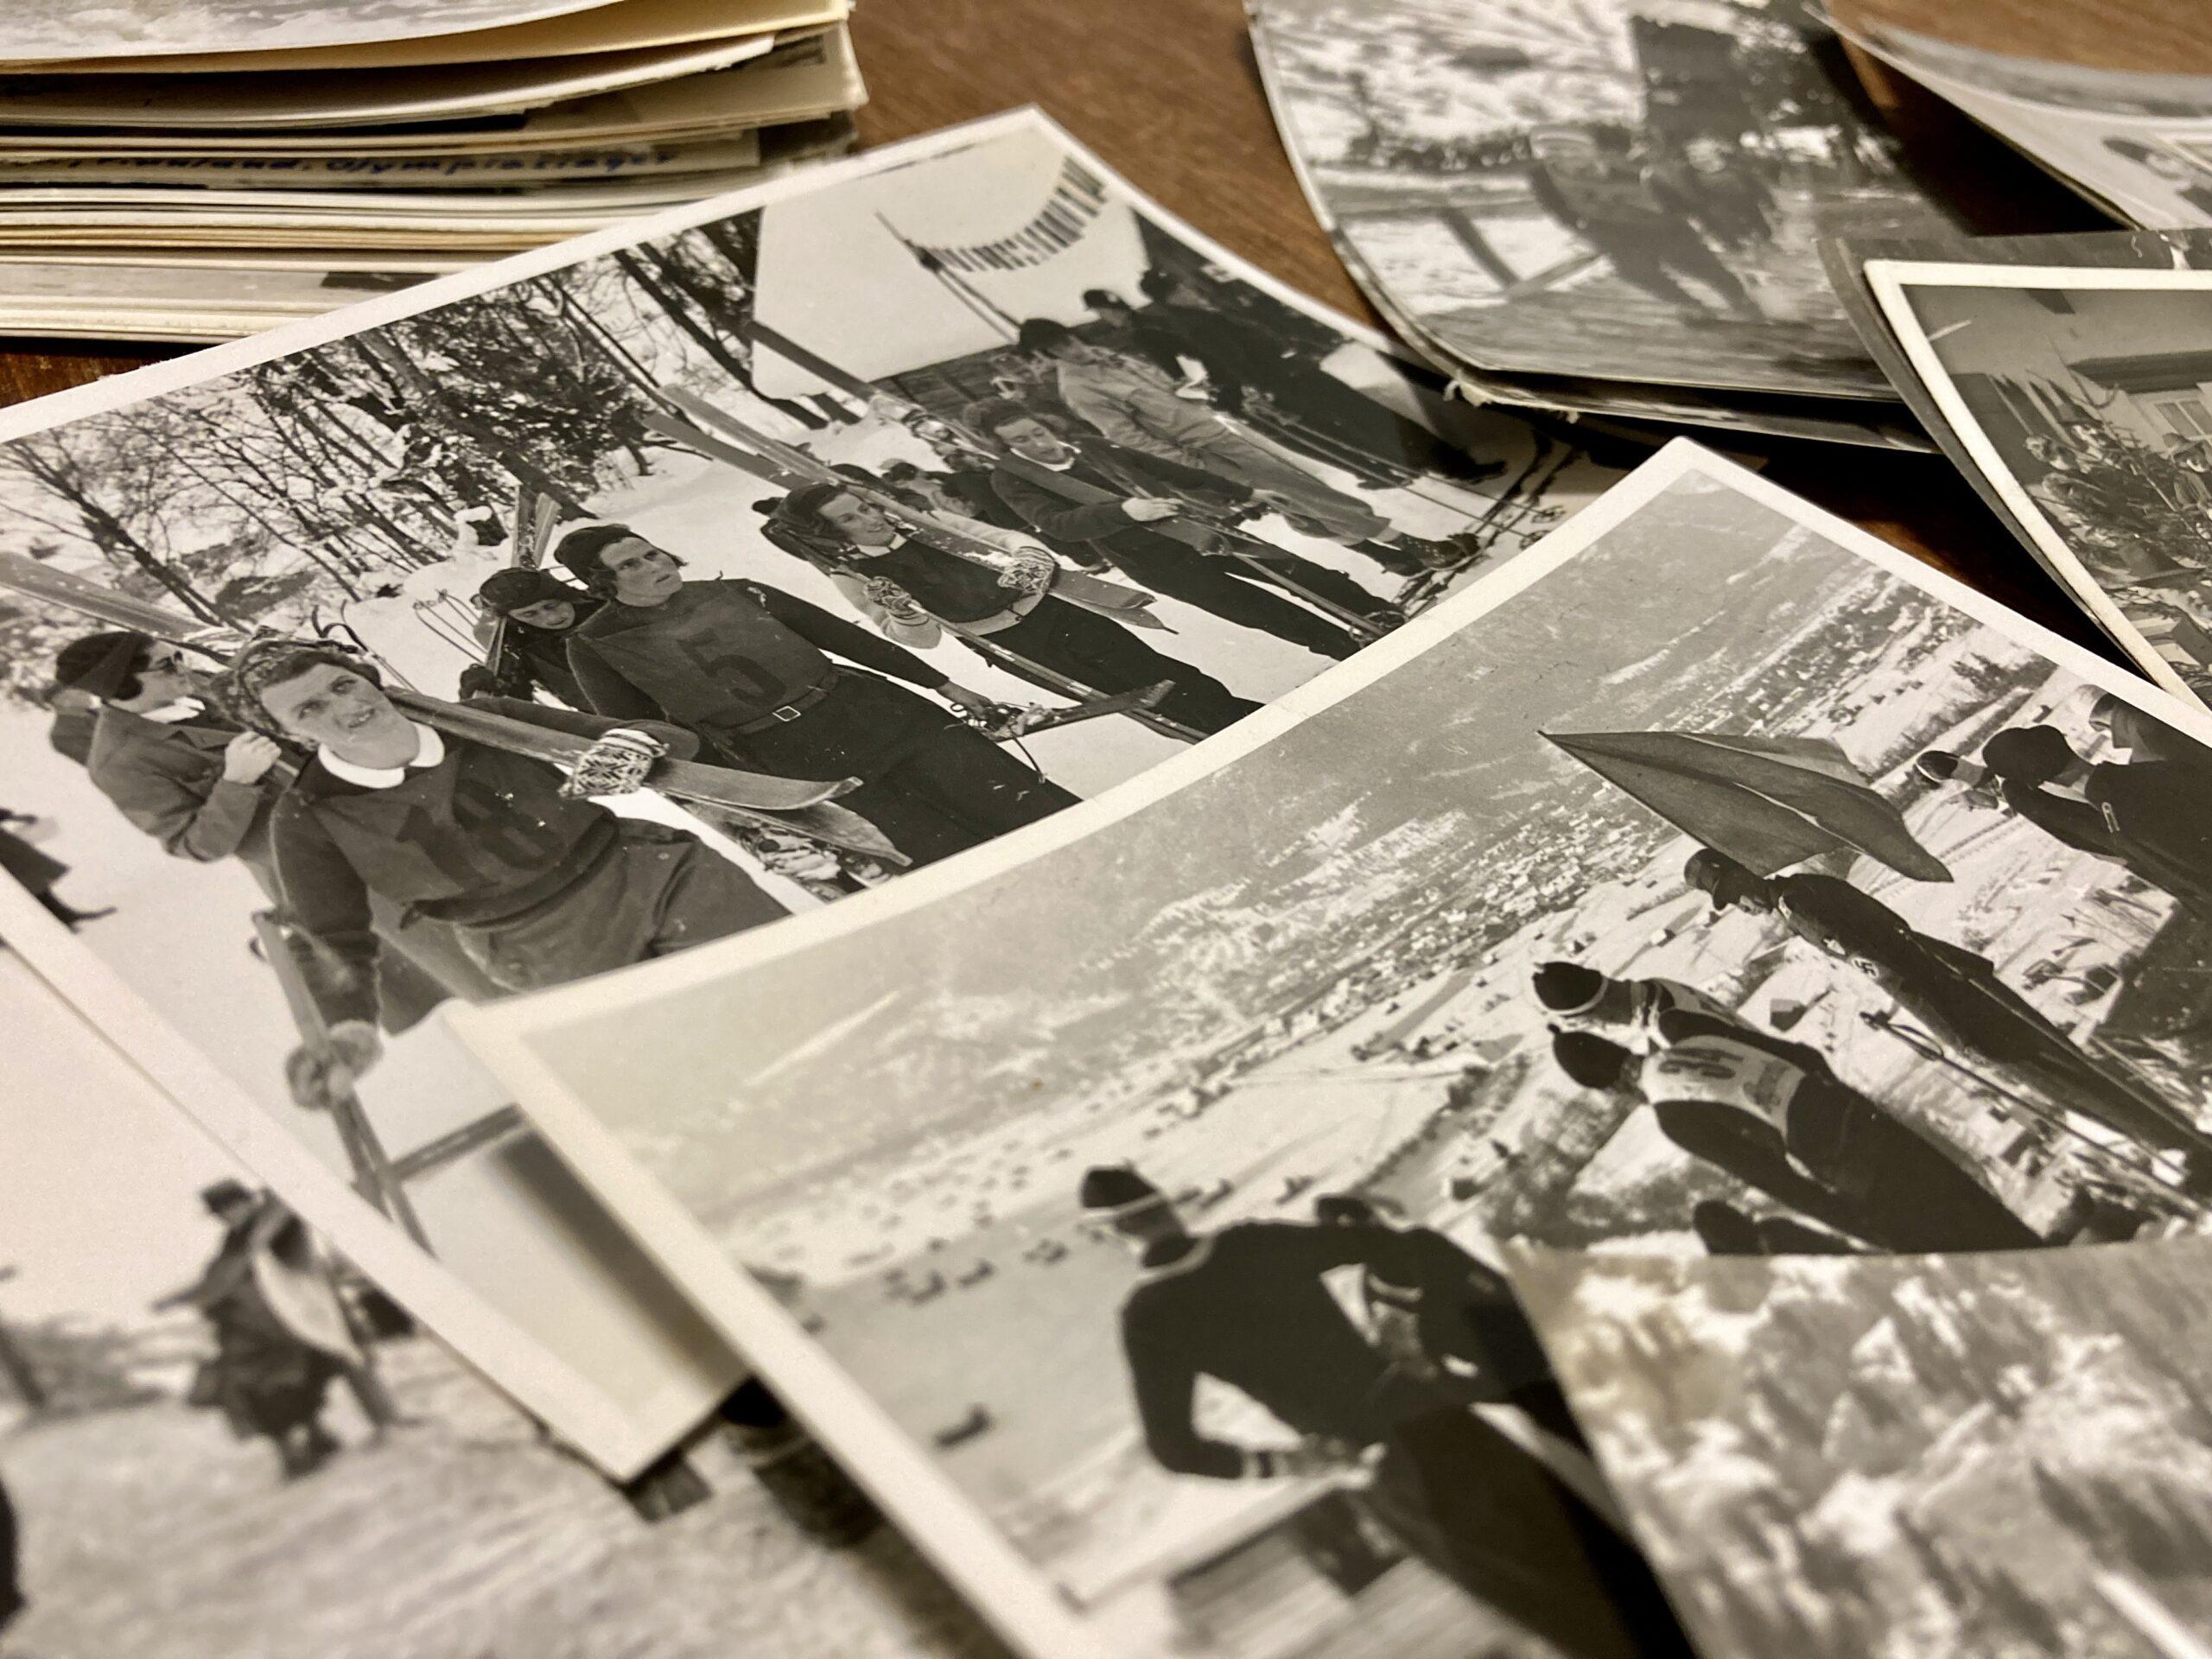 Mehrere schwarz-weiße Fotos liegen übereinander auf einem Holztisch. Das unscharfe Foto im Vordergrund zeigt Menschen in Skisport-Kleidung der 1930er Jahre vor einem verschneiten Tal. Der Fokus des Bildes liegt auf einem Foto im Hintergrund, das mehrere Frauen in Wintersportkleidung und Skiern auf den Schultern auf dem Weg zur Skipiste zeigt.